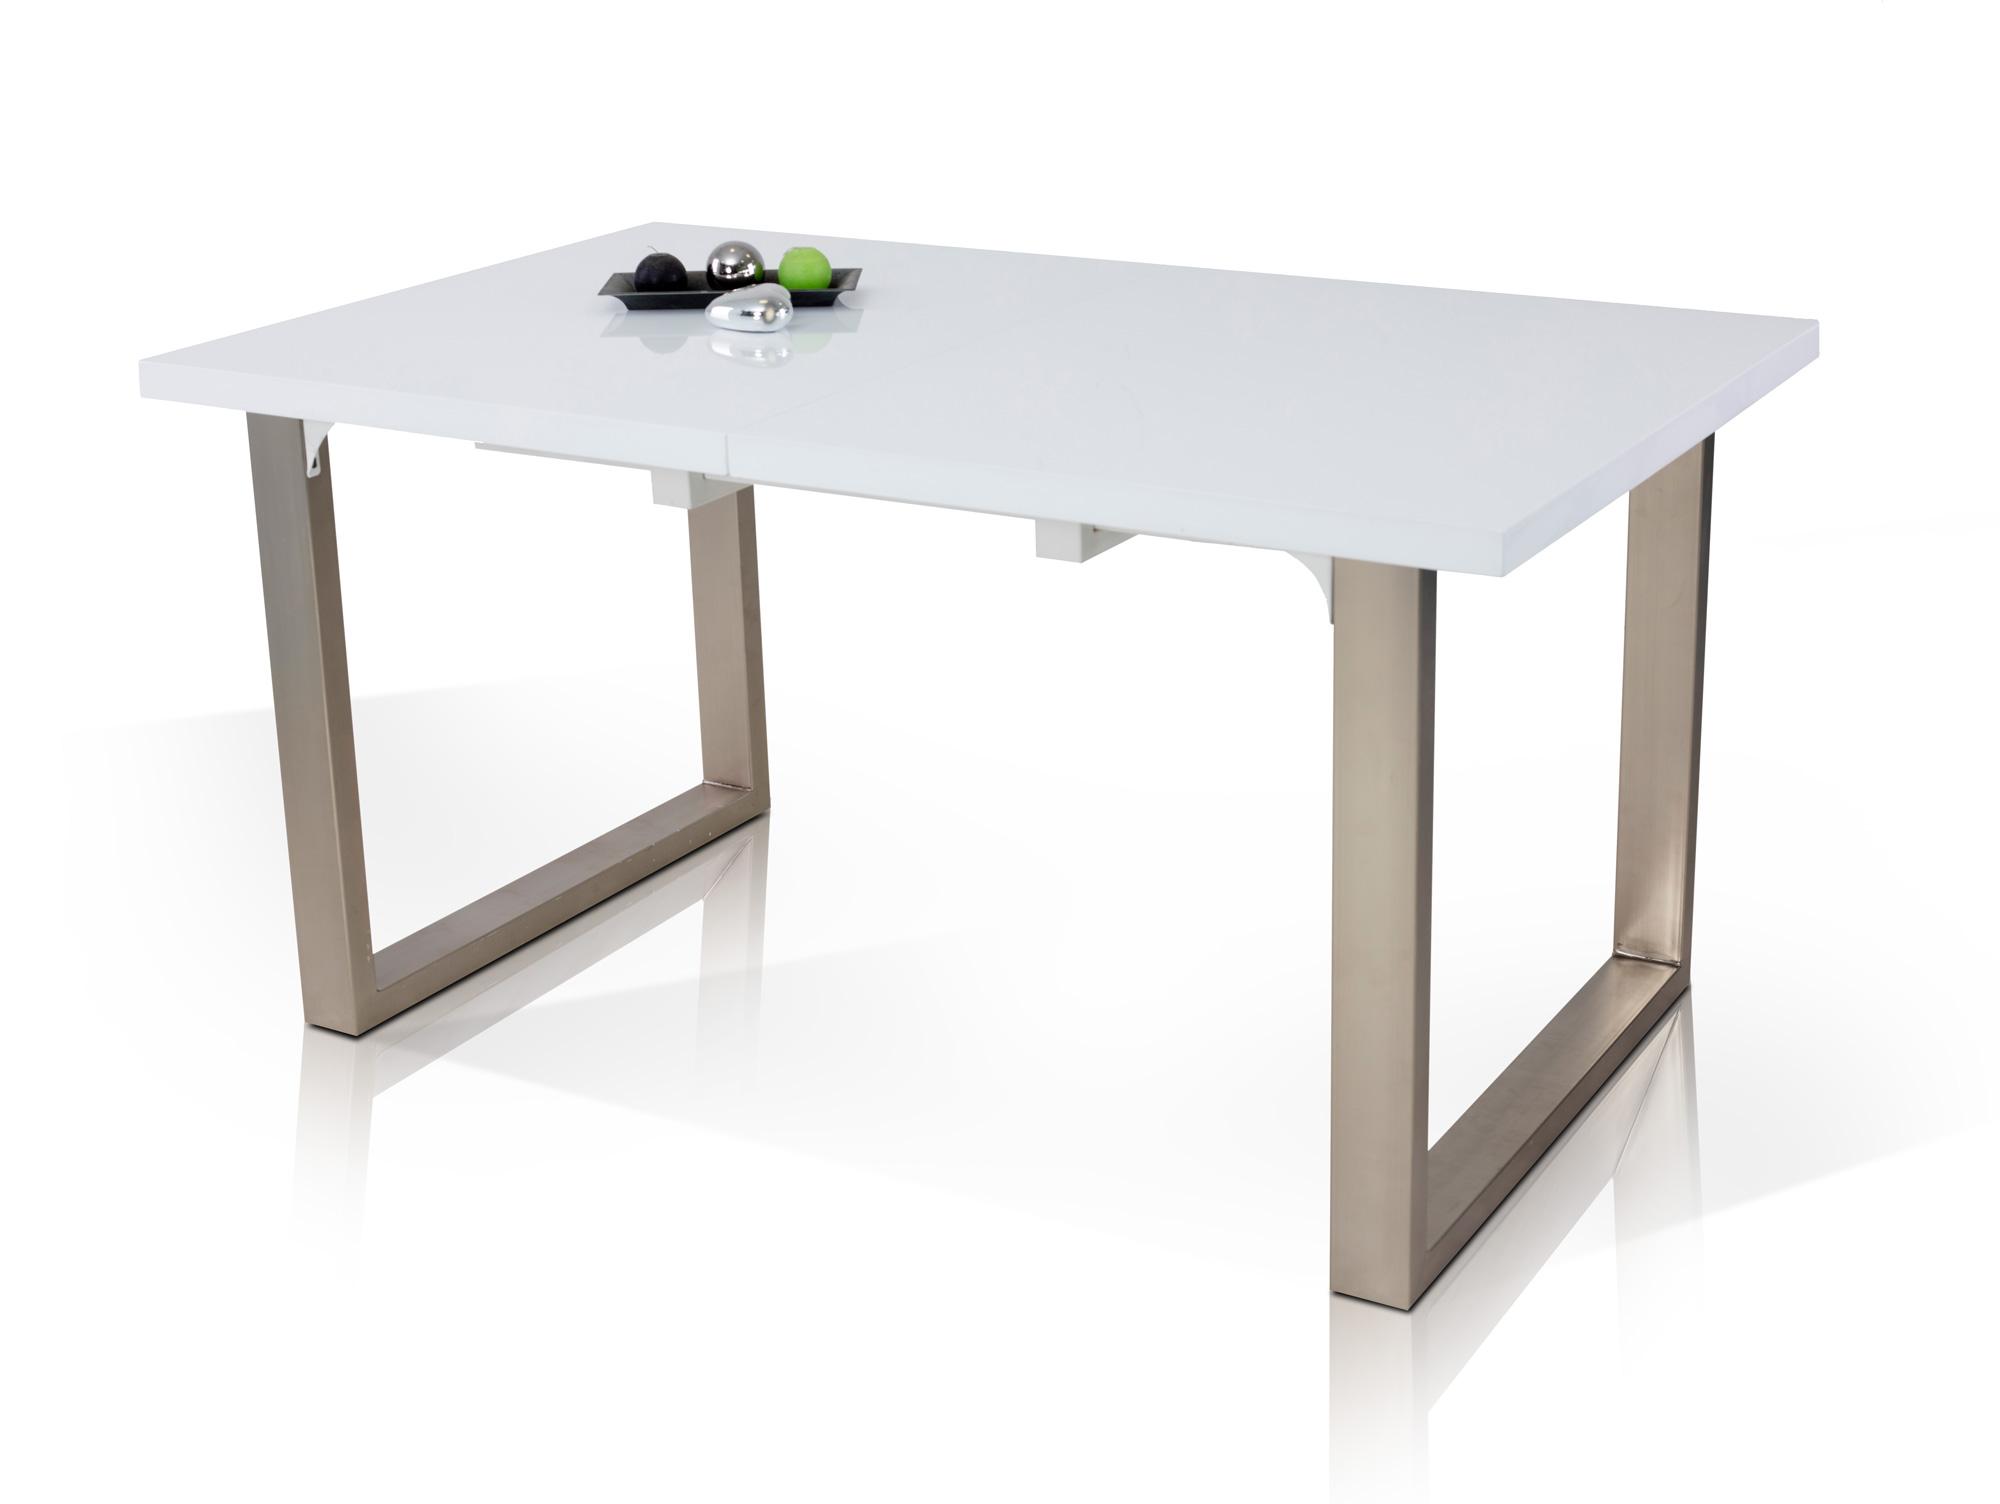 esstisch rund 150 cm esstisch rund 150 cm with esstisch rund 150 cm affordable sarah u der. Black Bedroom Furniture Sets. Home Design Ideas